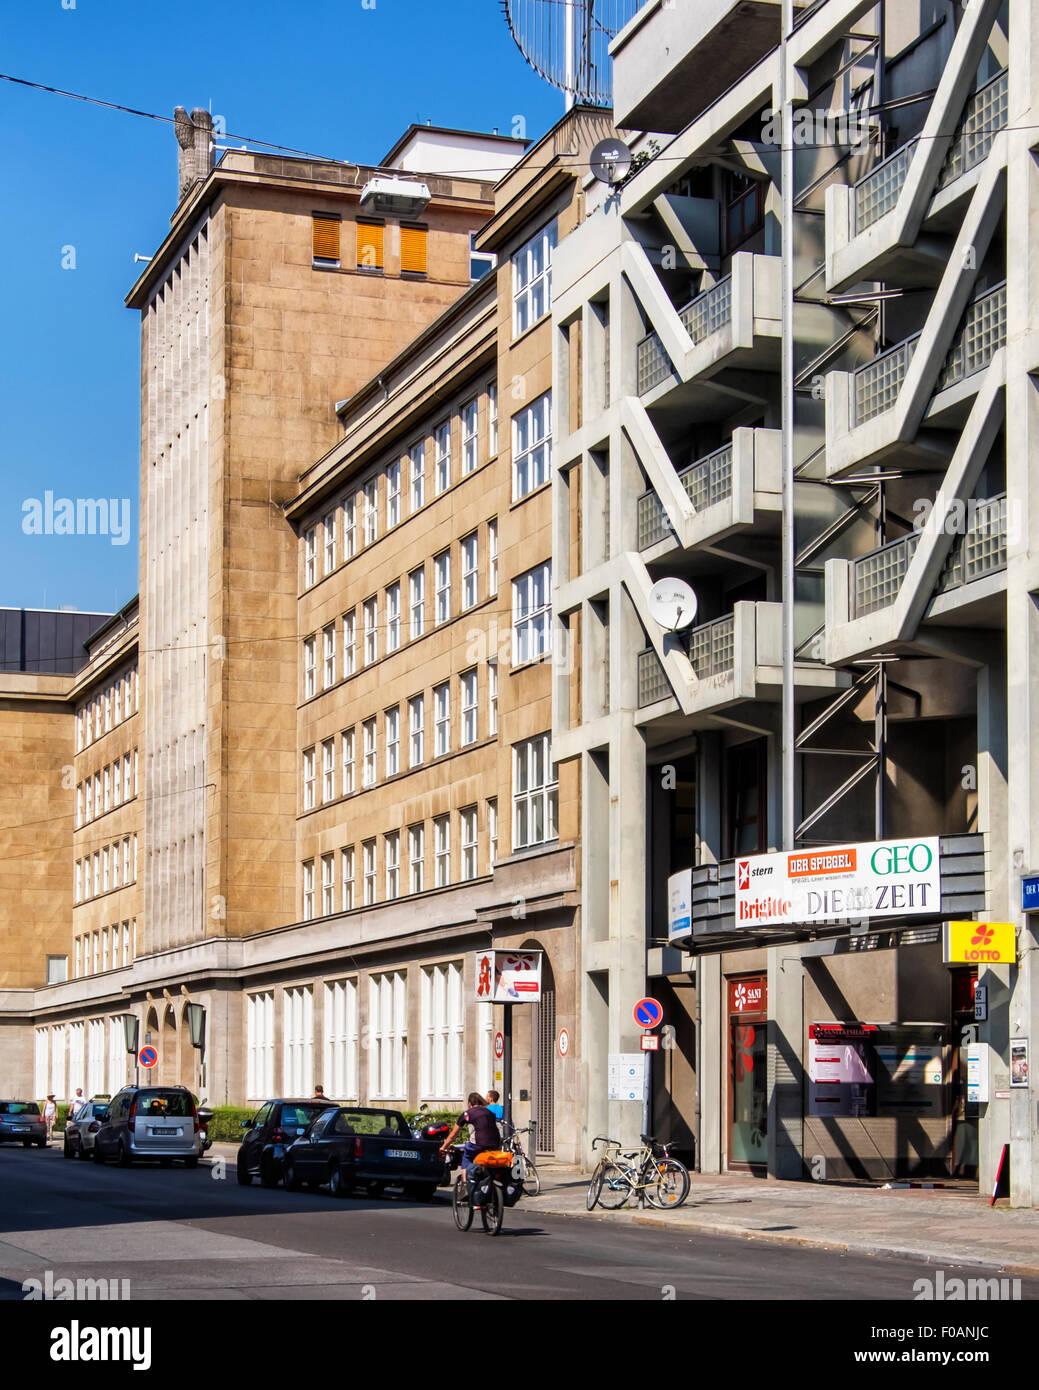 Berlin Employment Agency, Bundesagentur für Arbeit building exterior, Friedrichstrasse Berlin - Stock Image